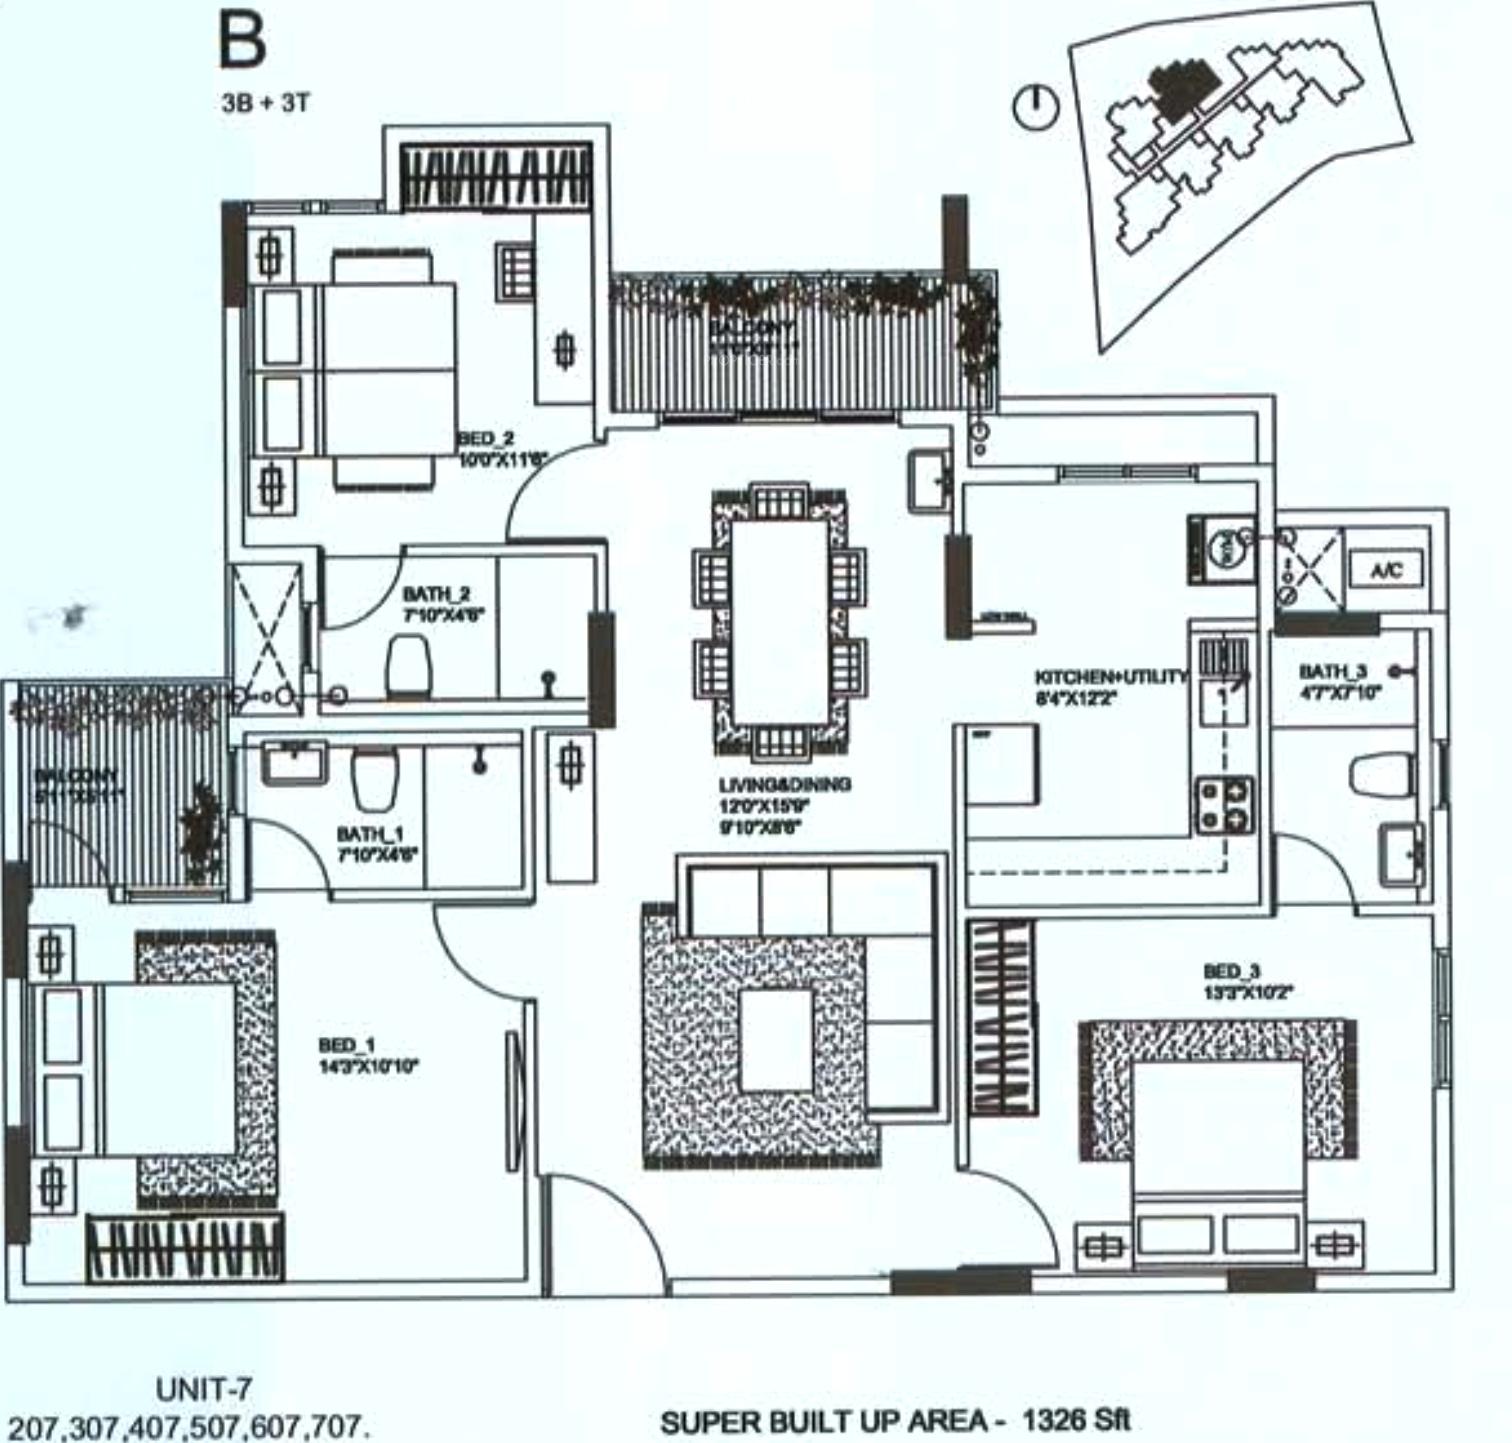 Oceanus regal in kazhakkoottam trivandrum price for Regal flooring arizona